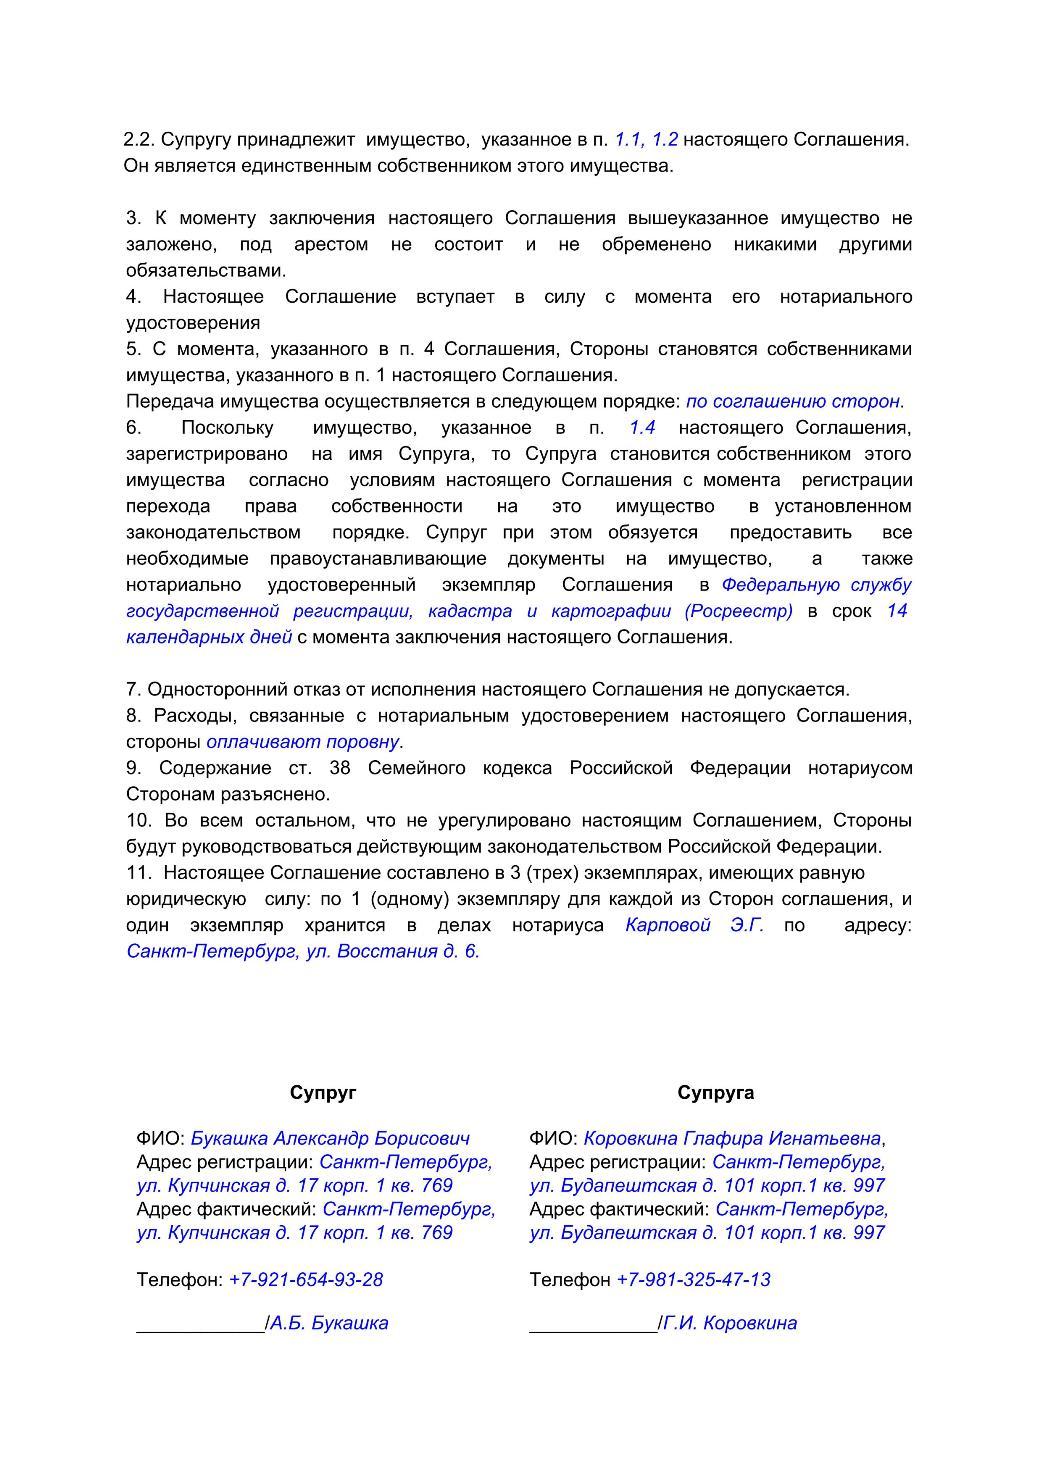 Увольнение чернобыльца